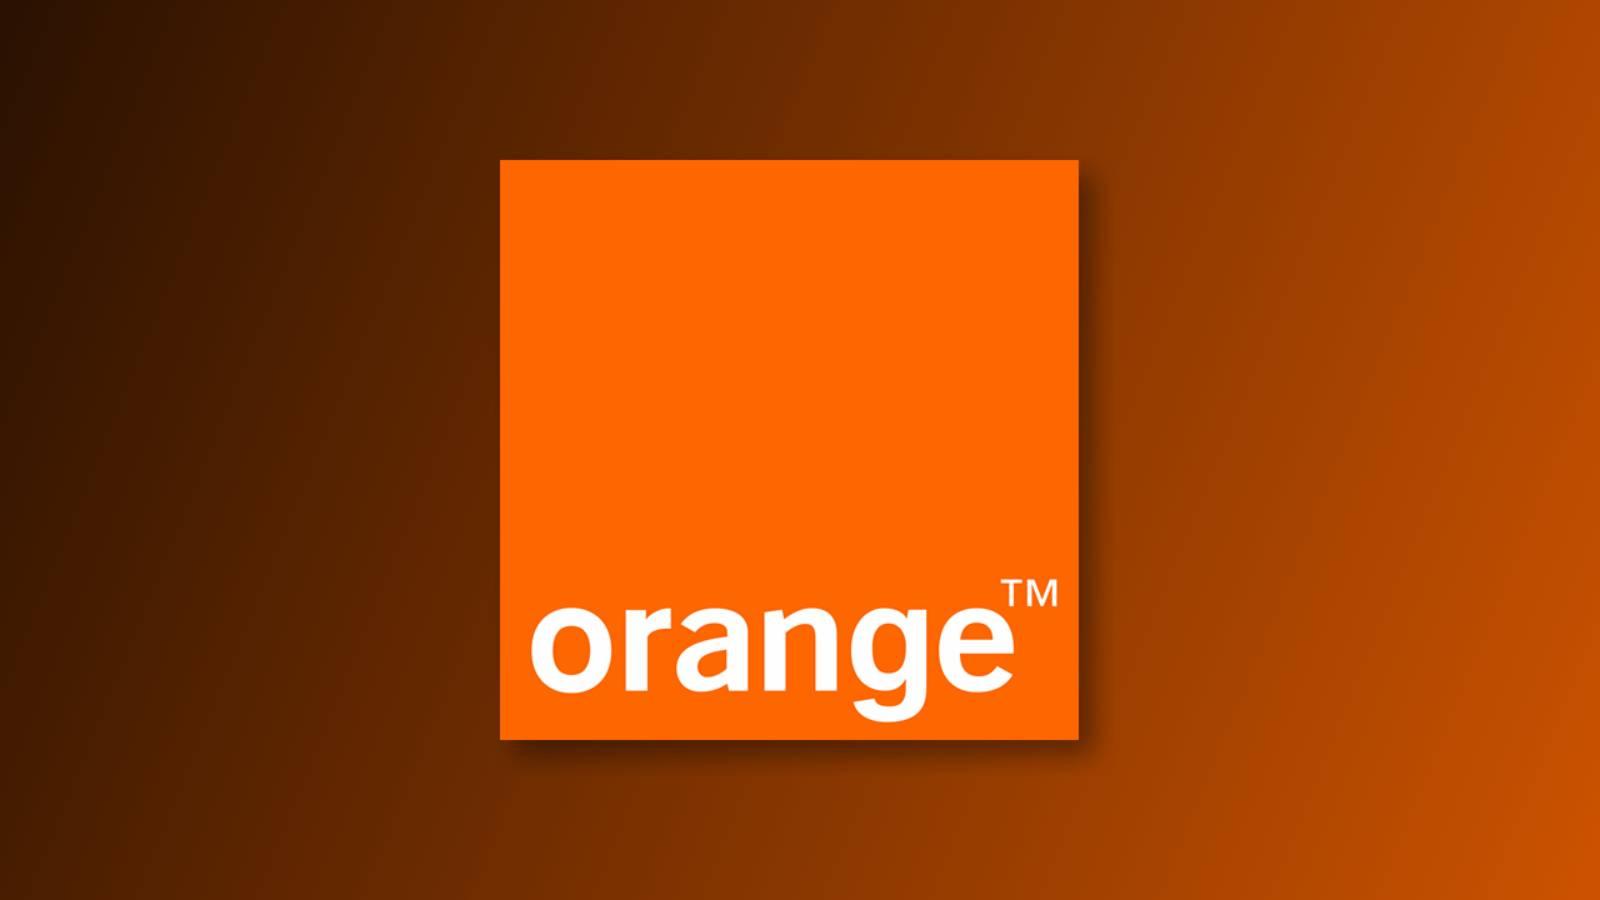 orange bonusuri prepay martisor